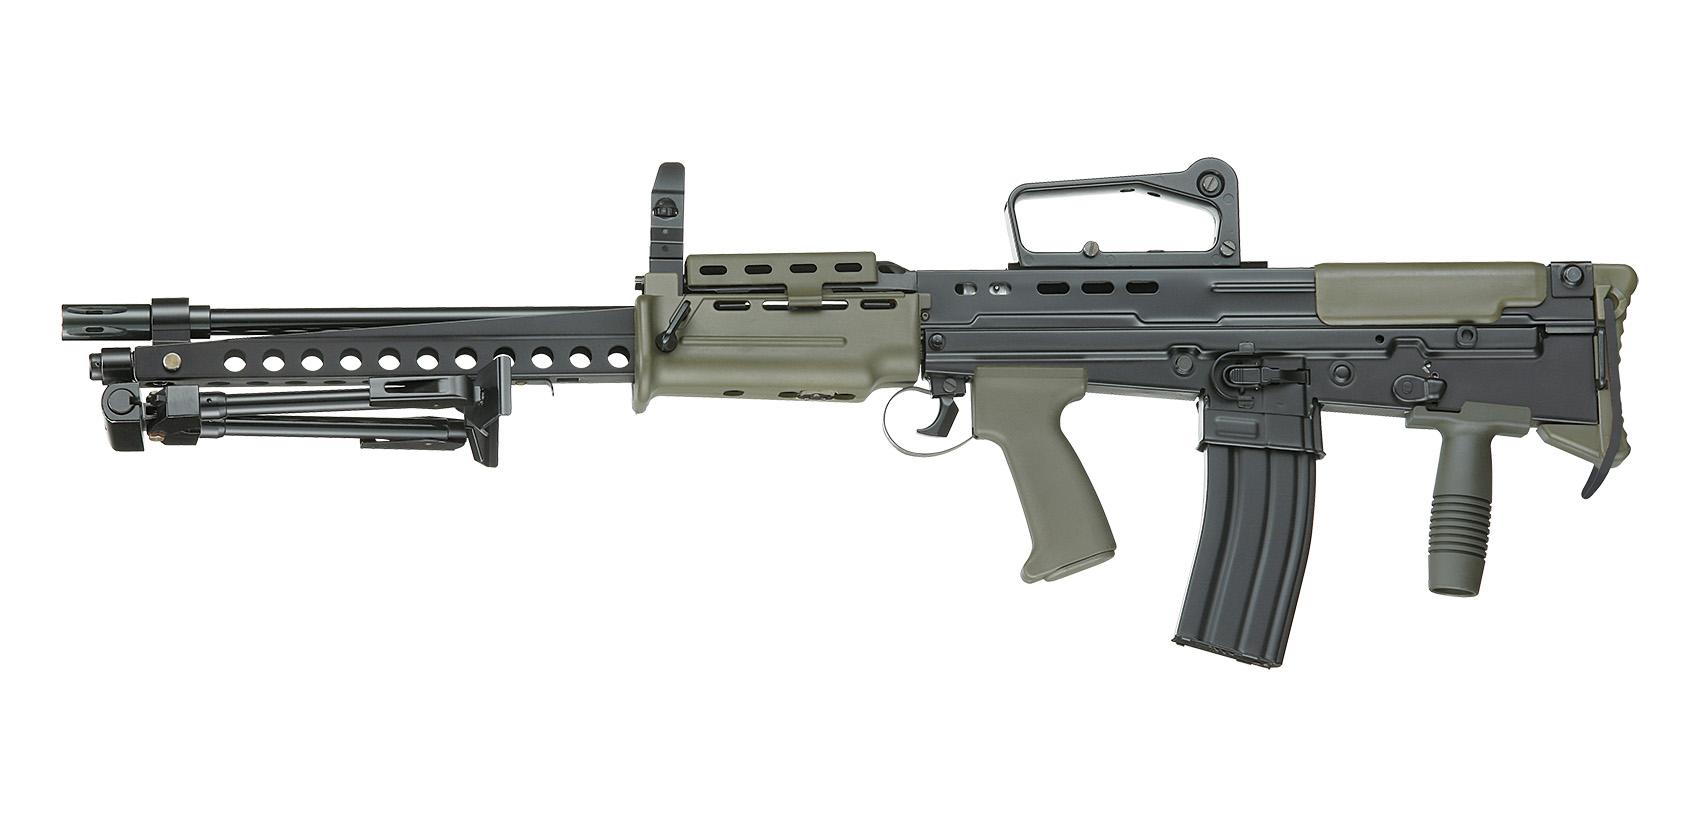 m249轻机枪_请问班用机枪和通用机枪有什么区别? - 知乎